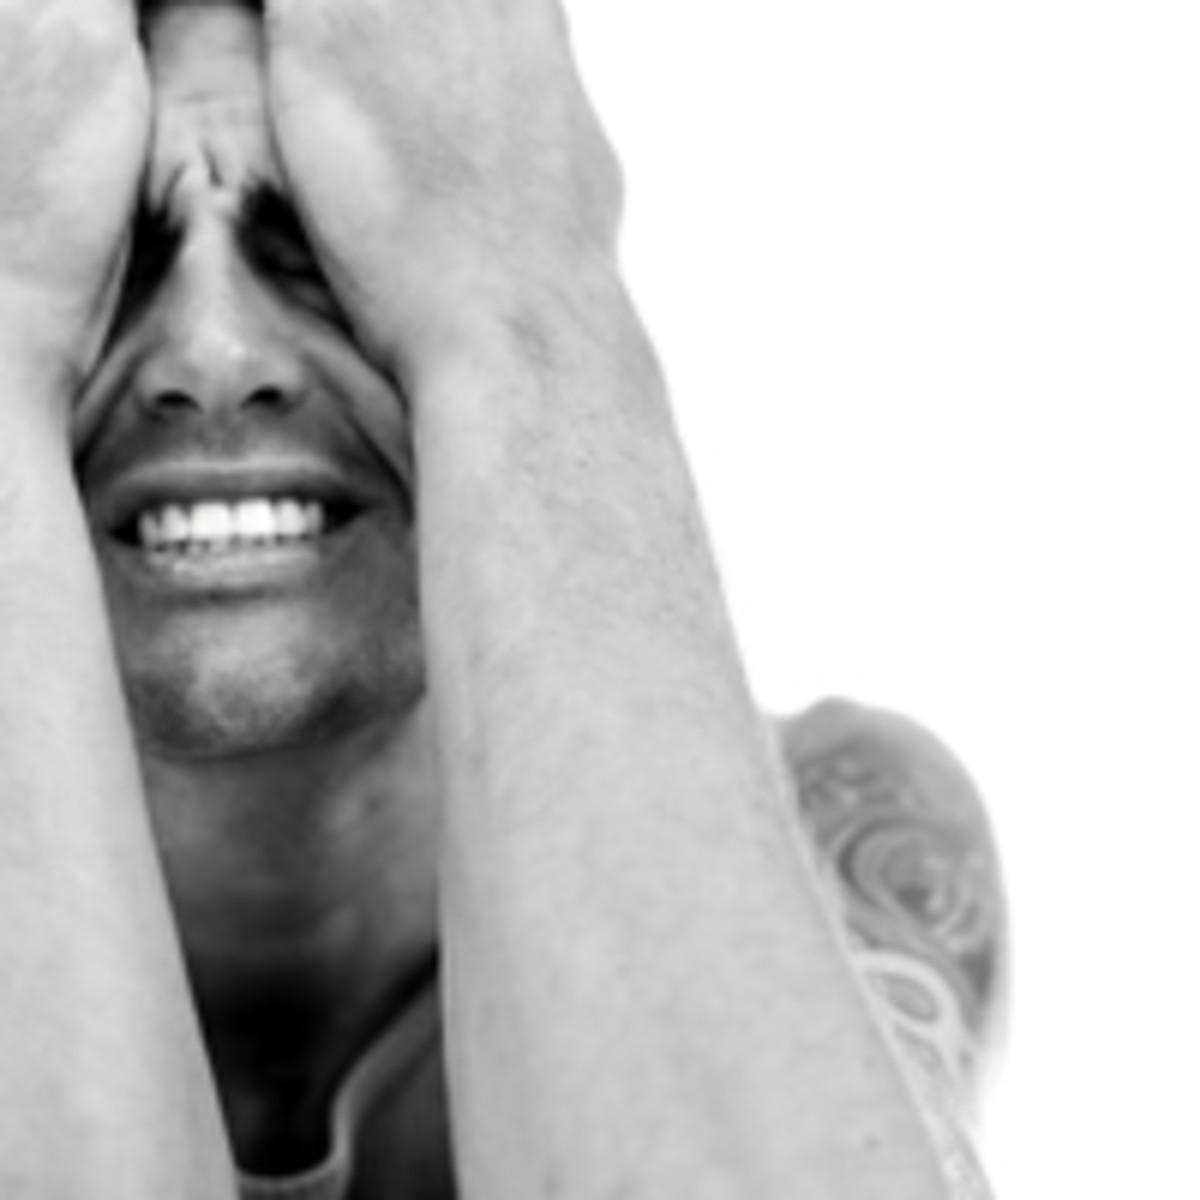 Get your mind off negative emotions